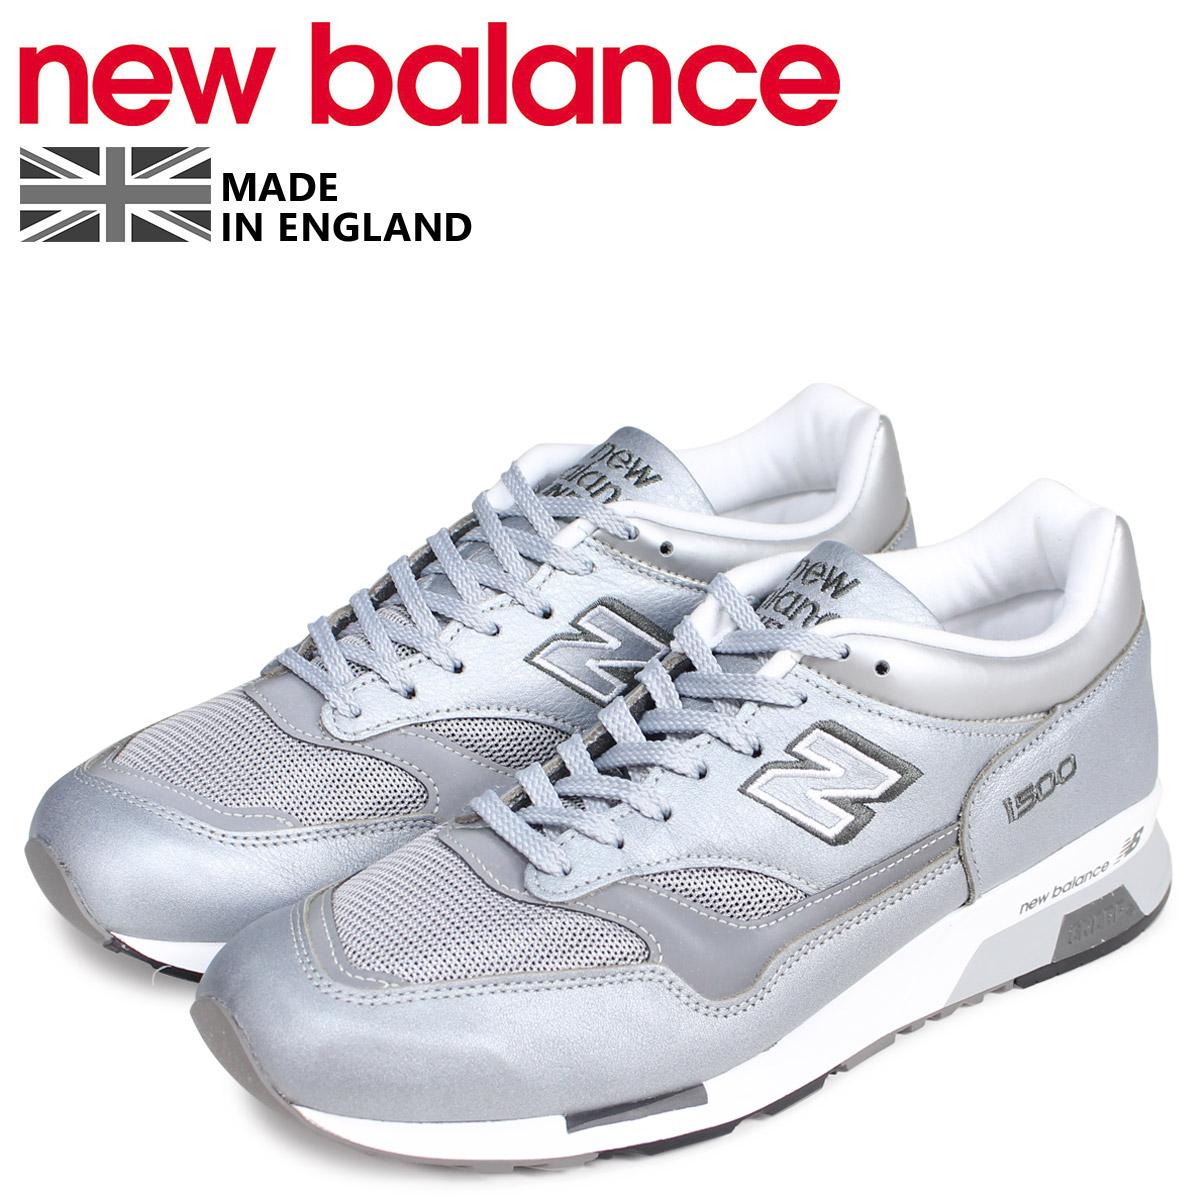 new balance ニューバランス 1500 スニーカー メンズ Dワイズ MADE IN UK シルバー M1500JBS